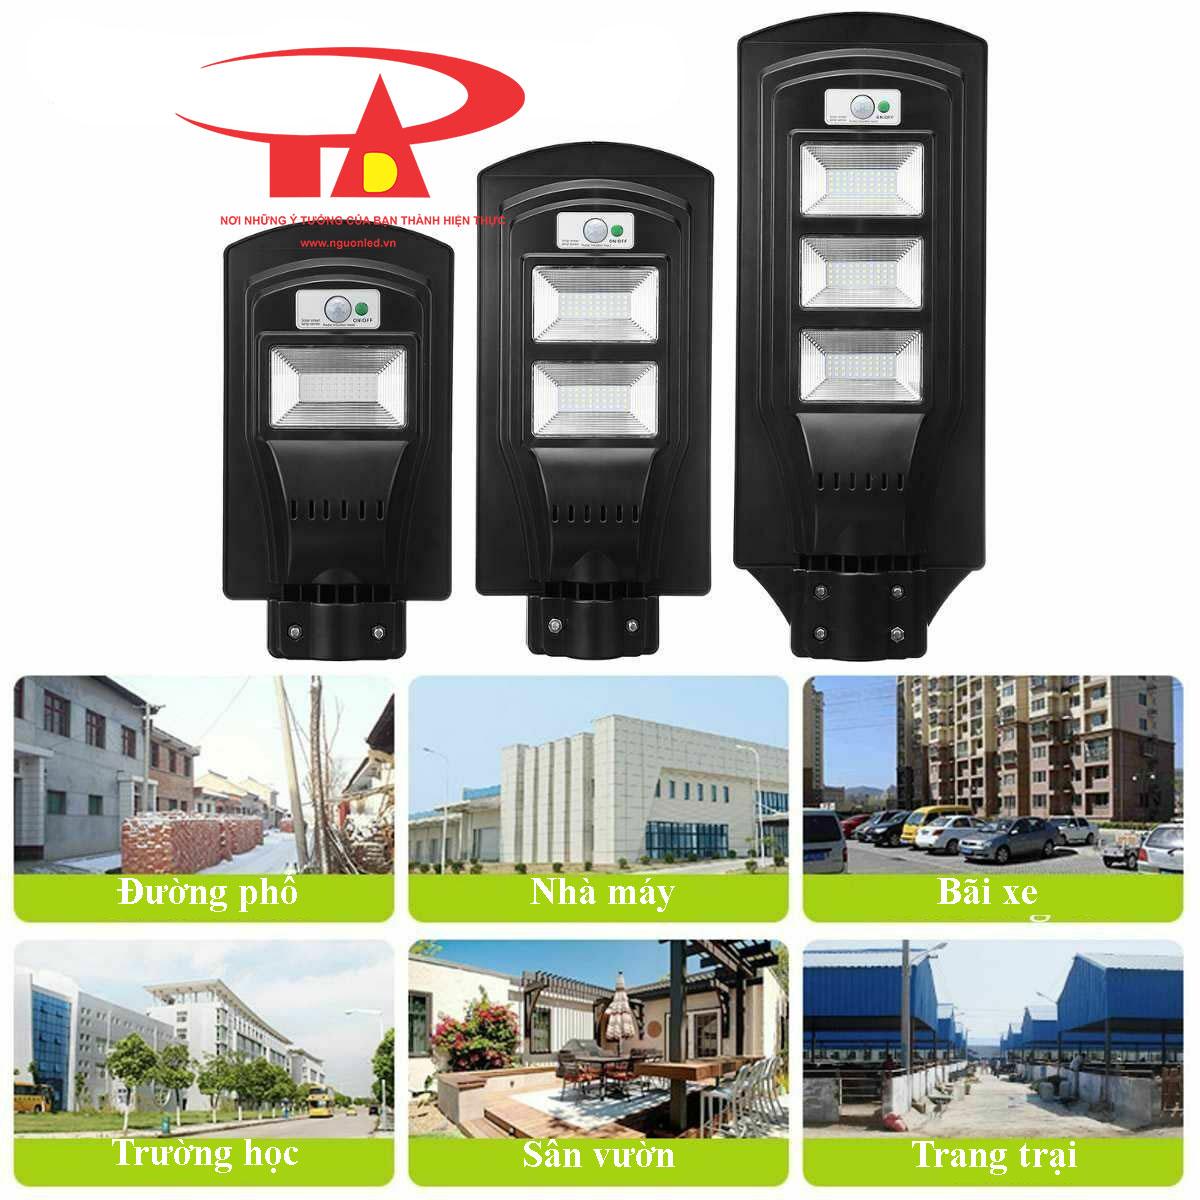 đèn đường năng lượng mặt trời 60w chất lượng cao, nhập khẩu